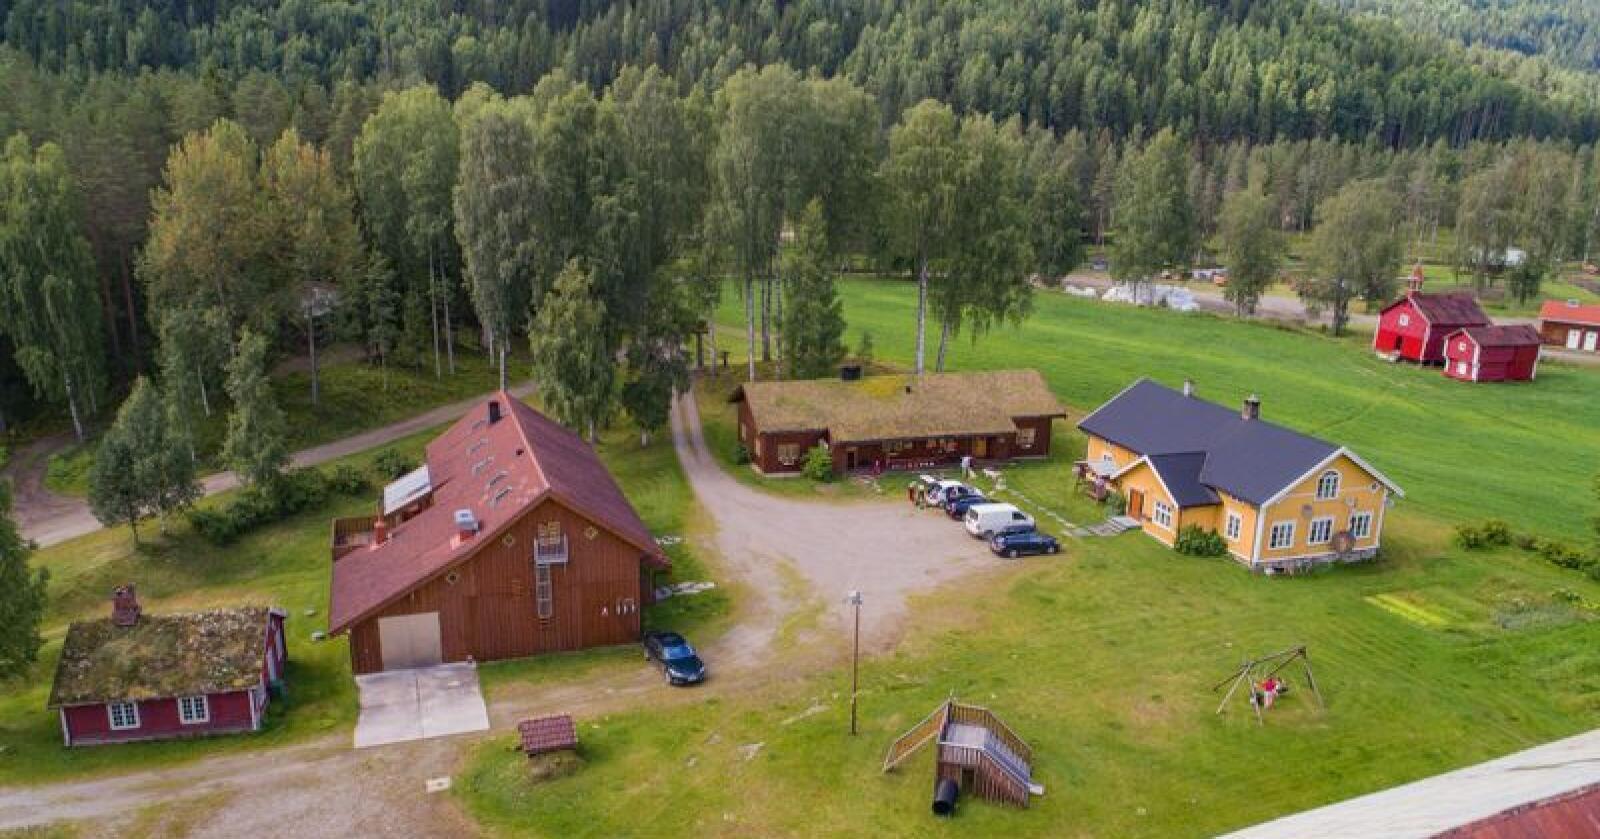 Eiendommen som lå ute for salg til 102 millioner kroner kan skilte med et areal på 61.780 dekar. Foto: Håvard Zeiner